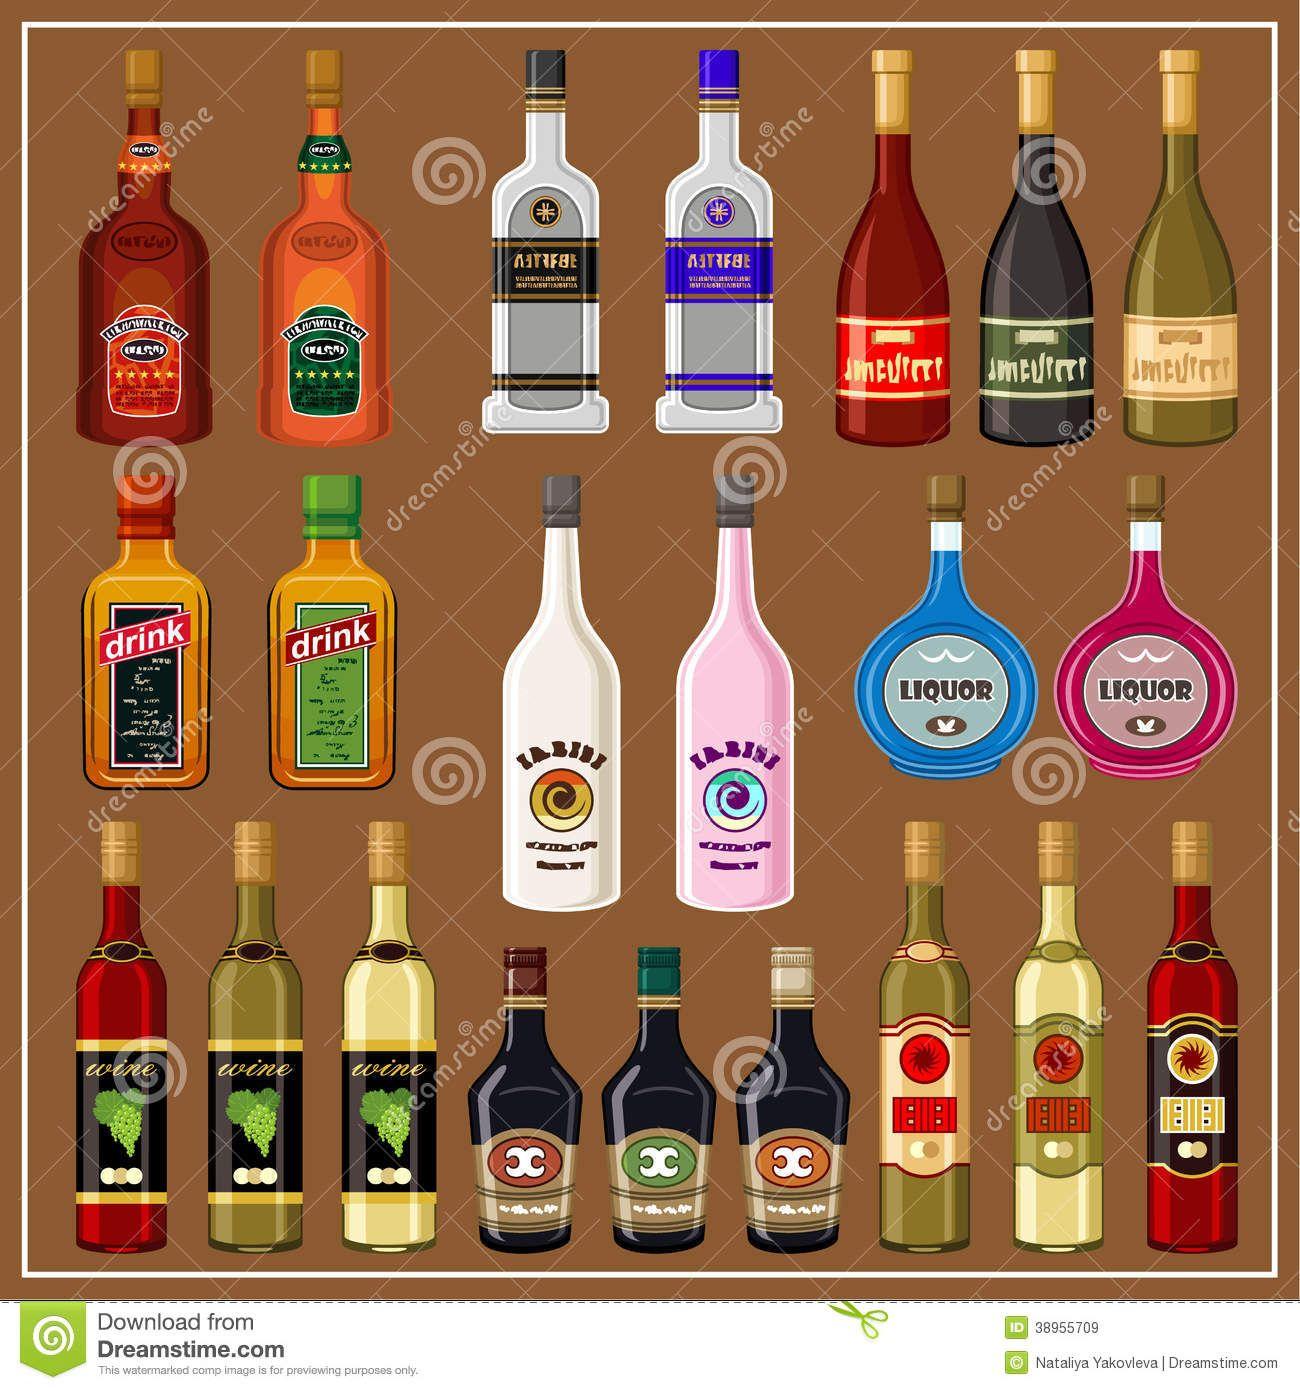 https://thumbs.dreamstime.com/z/set-alcoholic-beverages-nset-bottles-brown-background-38955709.jpg